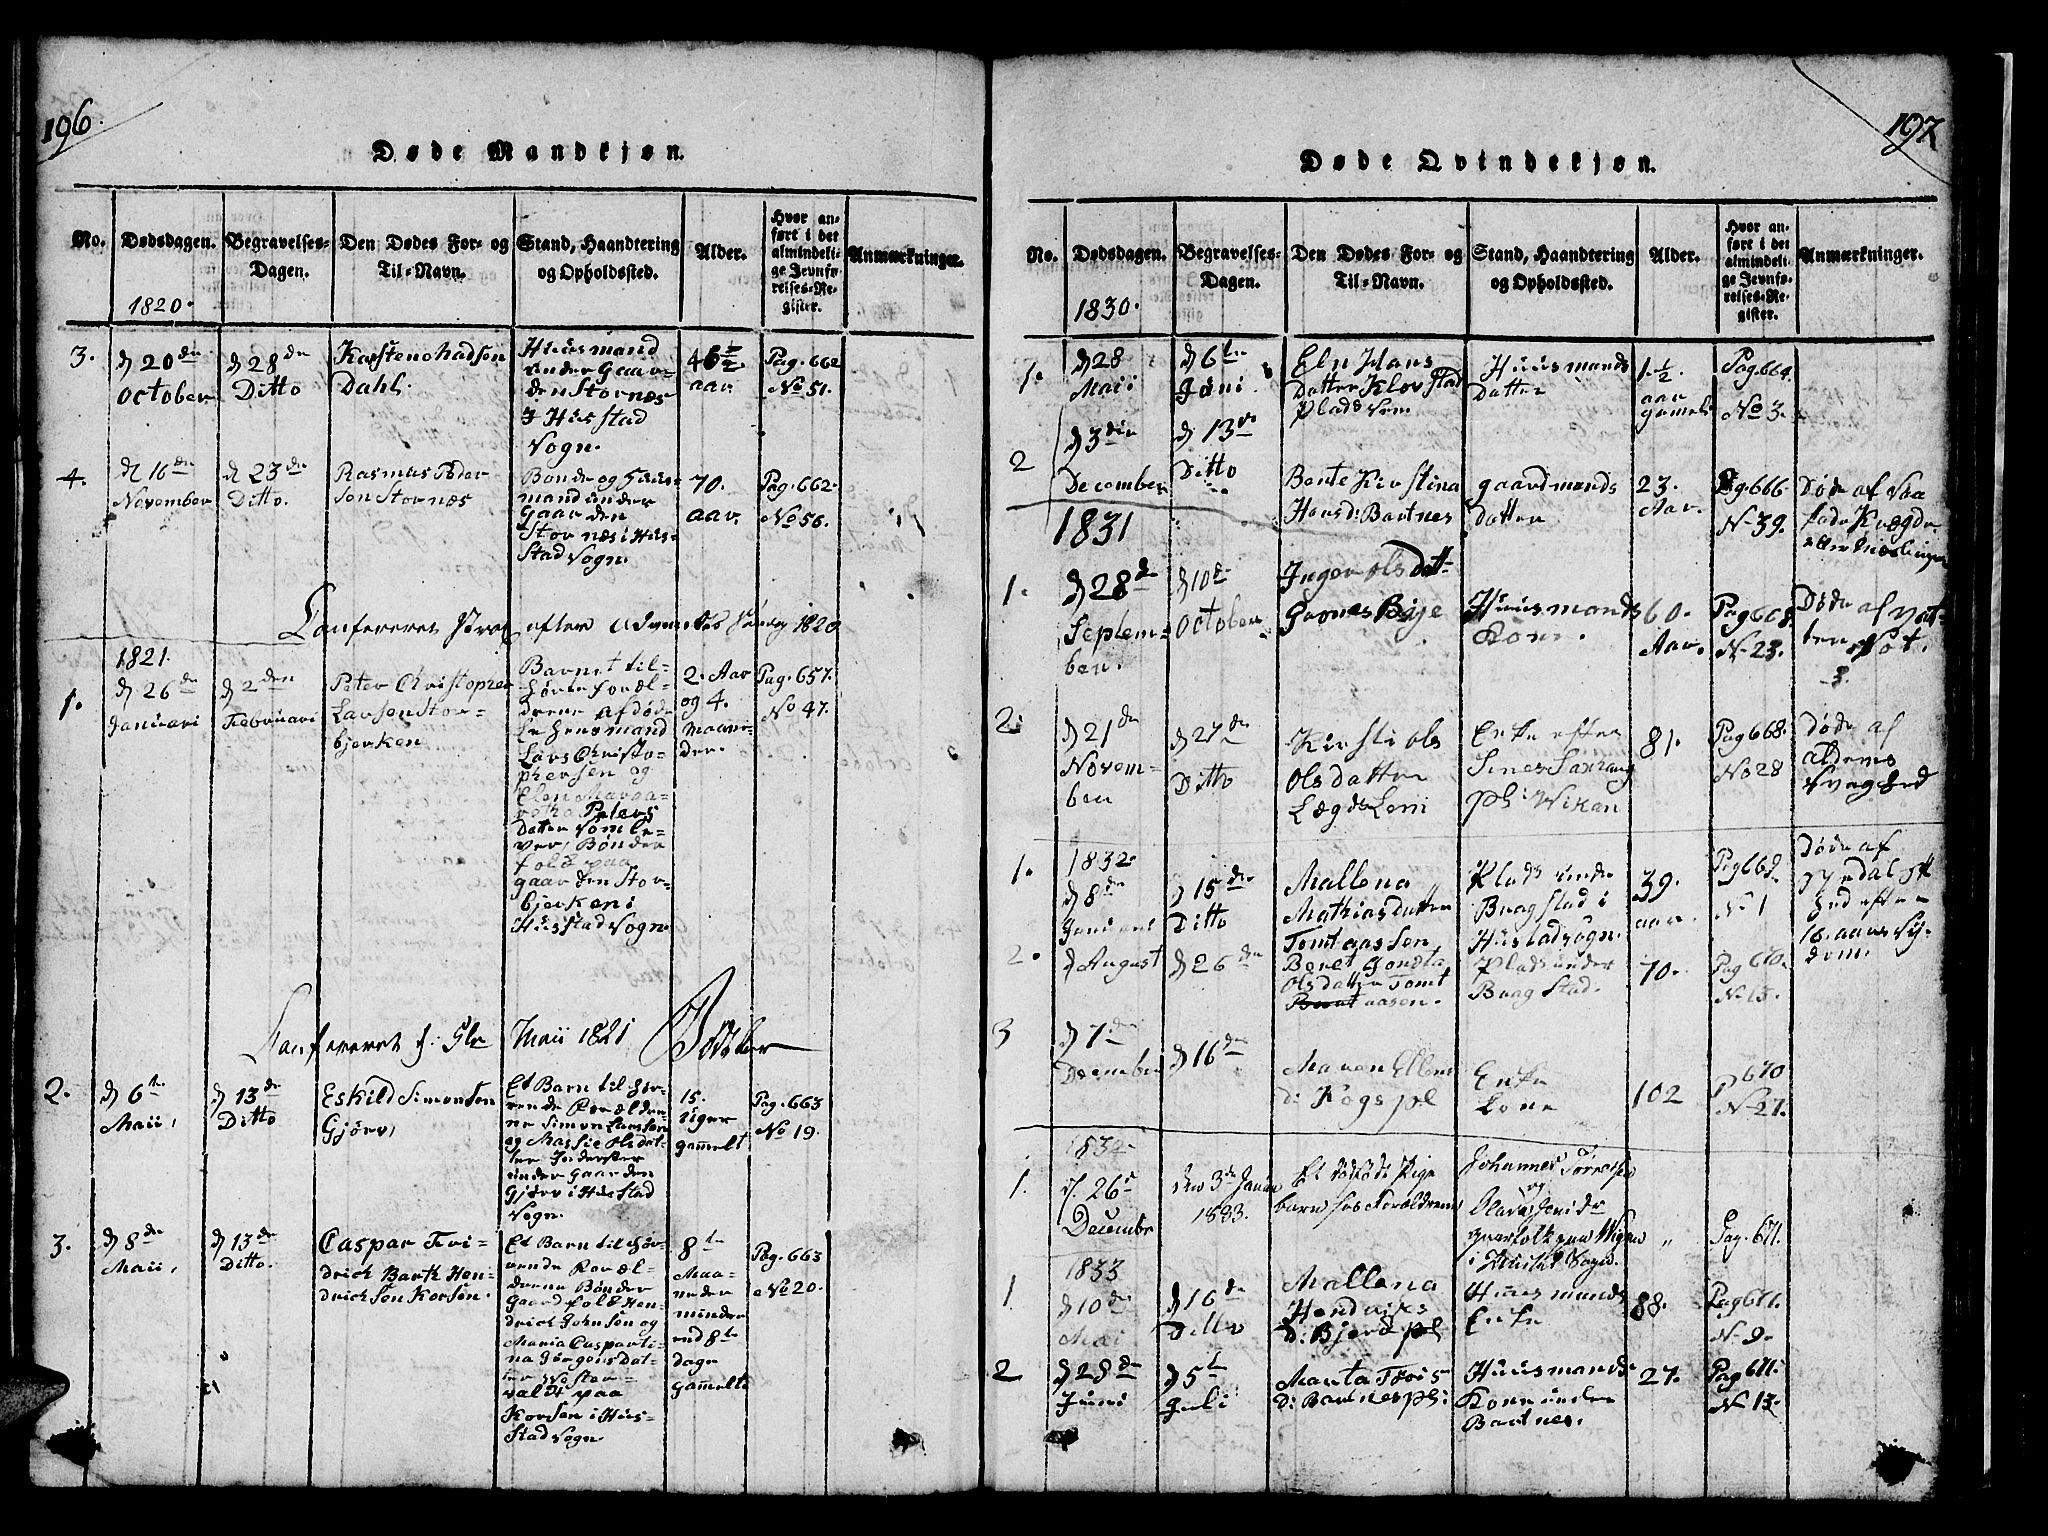 SAT, Ministerialprotokoller, klokkerbøker og fødselsregistre - Nord-Trøndelag, 732/L0317: Klokkerbok nr. 732C01, 1816-1881, s. 196-197